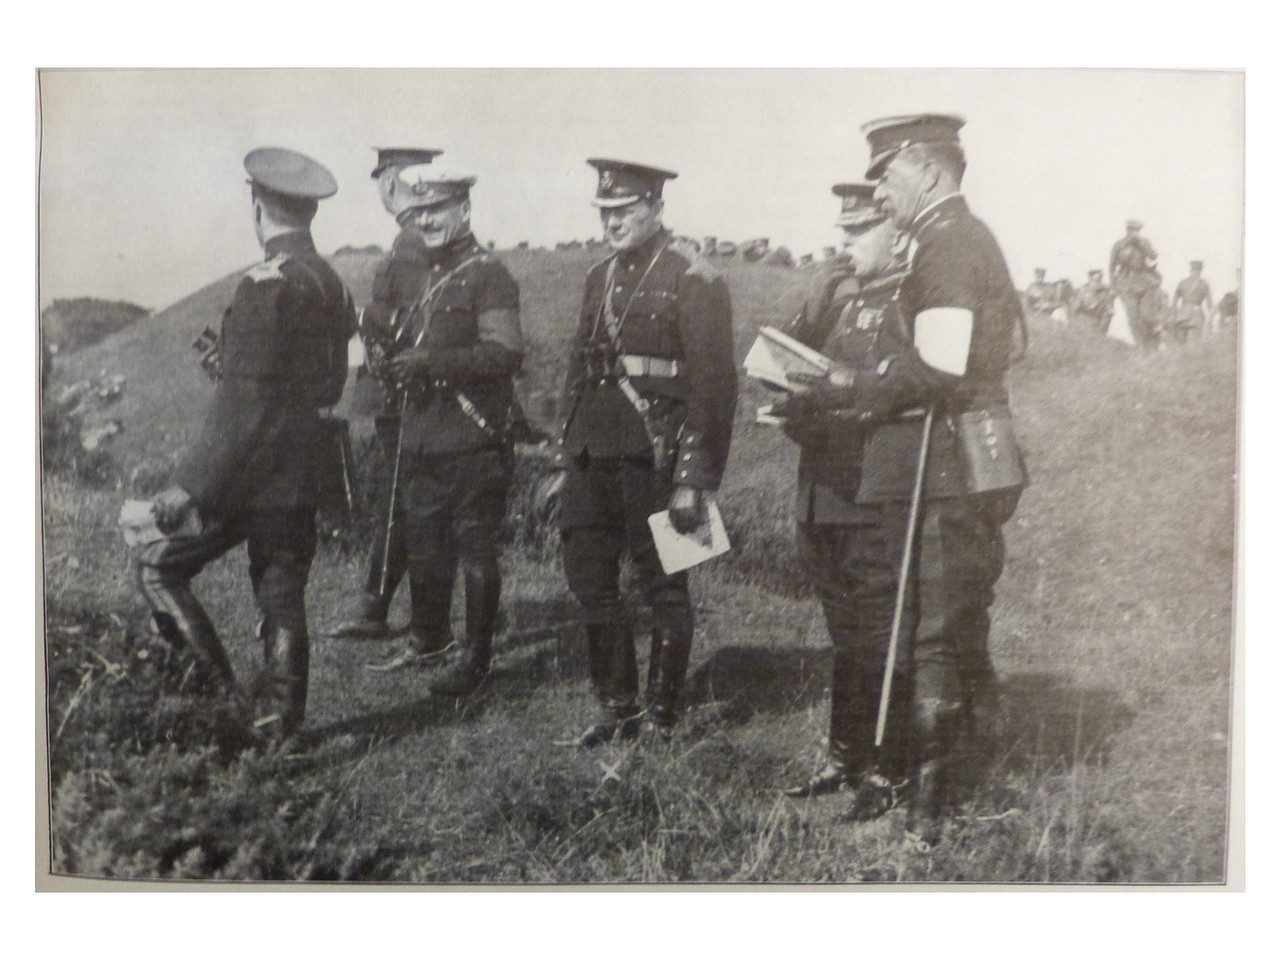 1910. Министр внутренних дел Уинстон Черчилль (третий справа) наблюдает за маневрами в Олдершоте с генералом Френчем (второй справа)